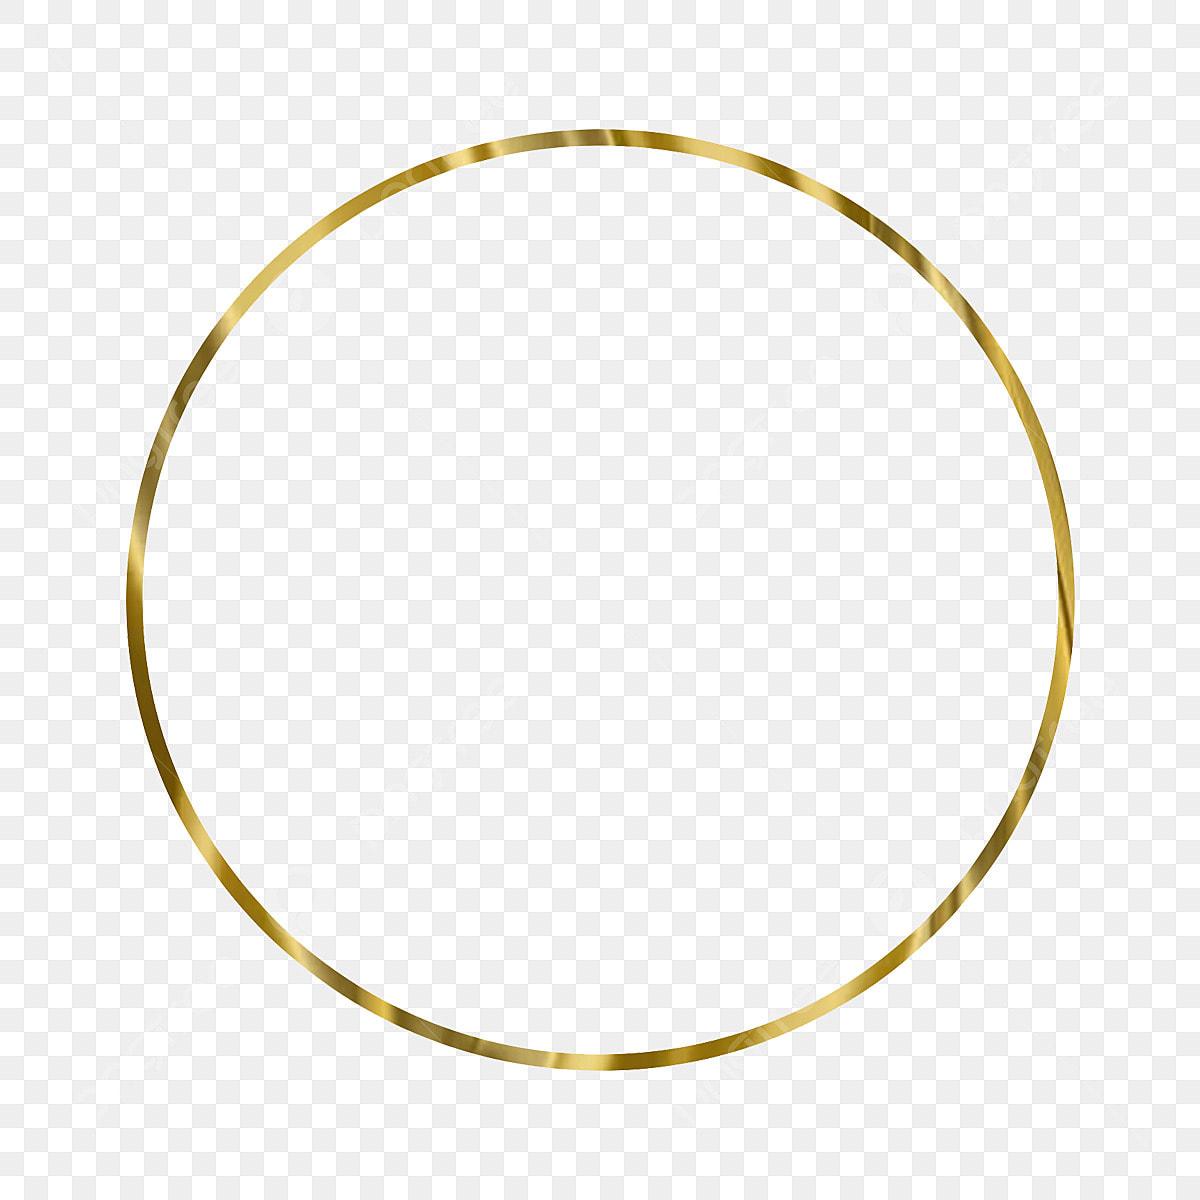 Circulo Dourado Circle Circulo Dourado Png Transparent